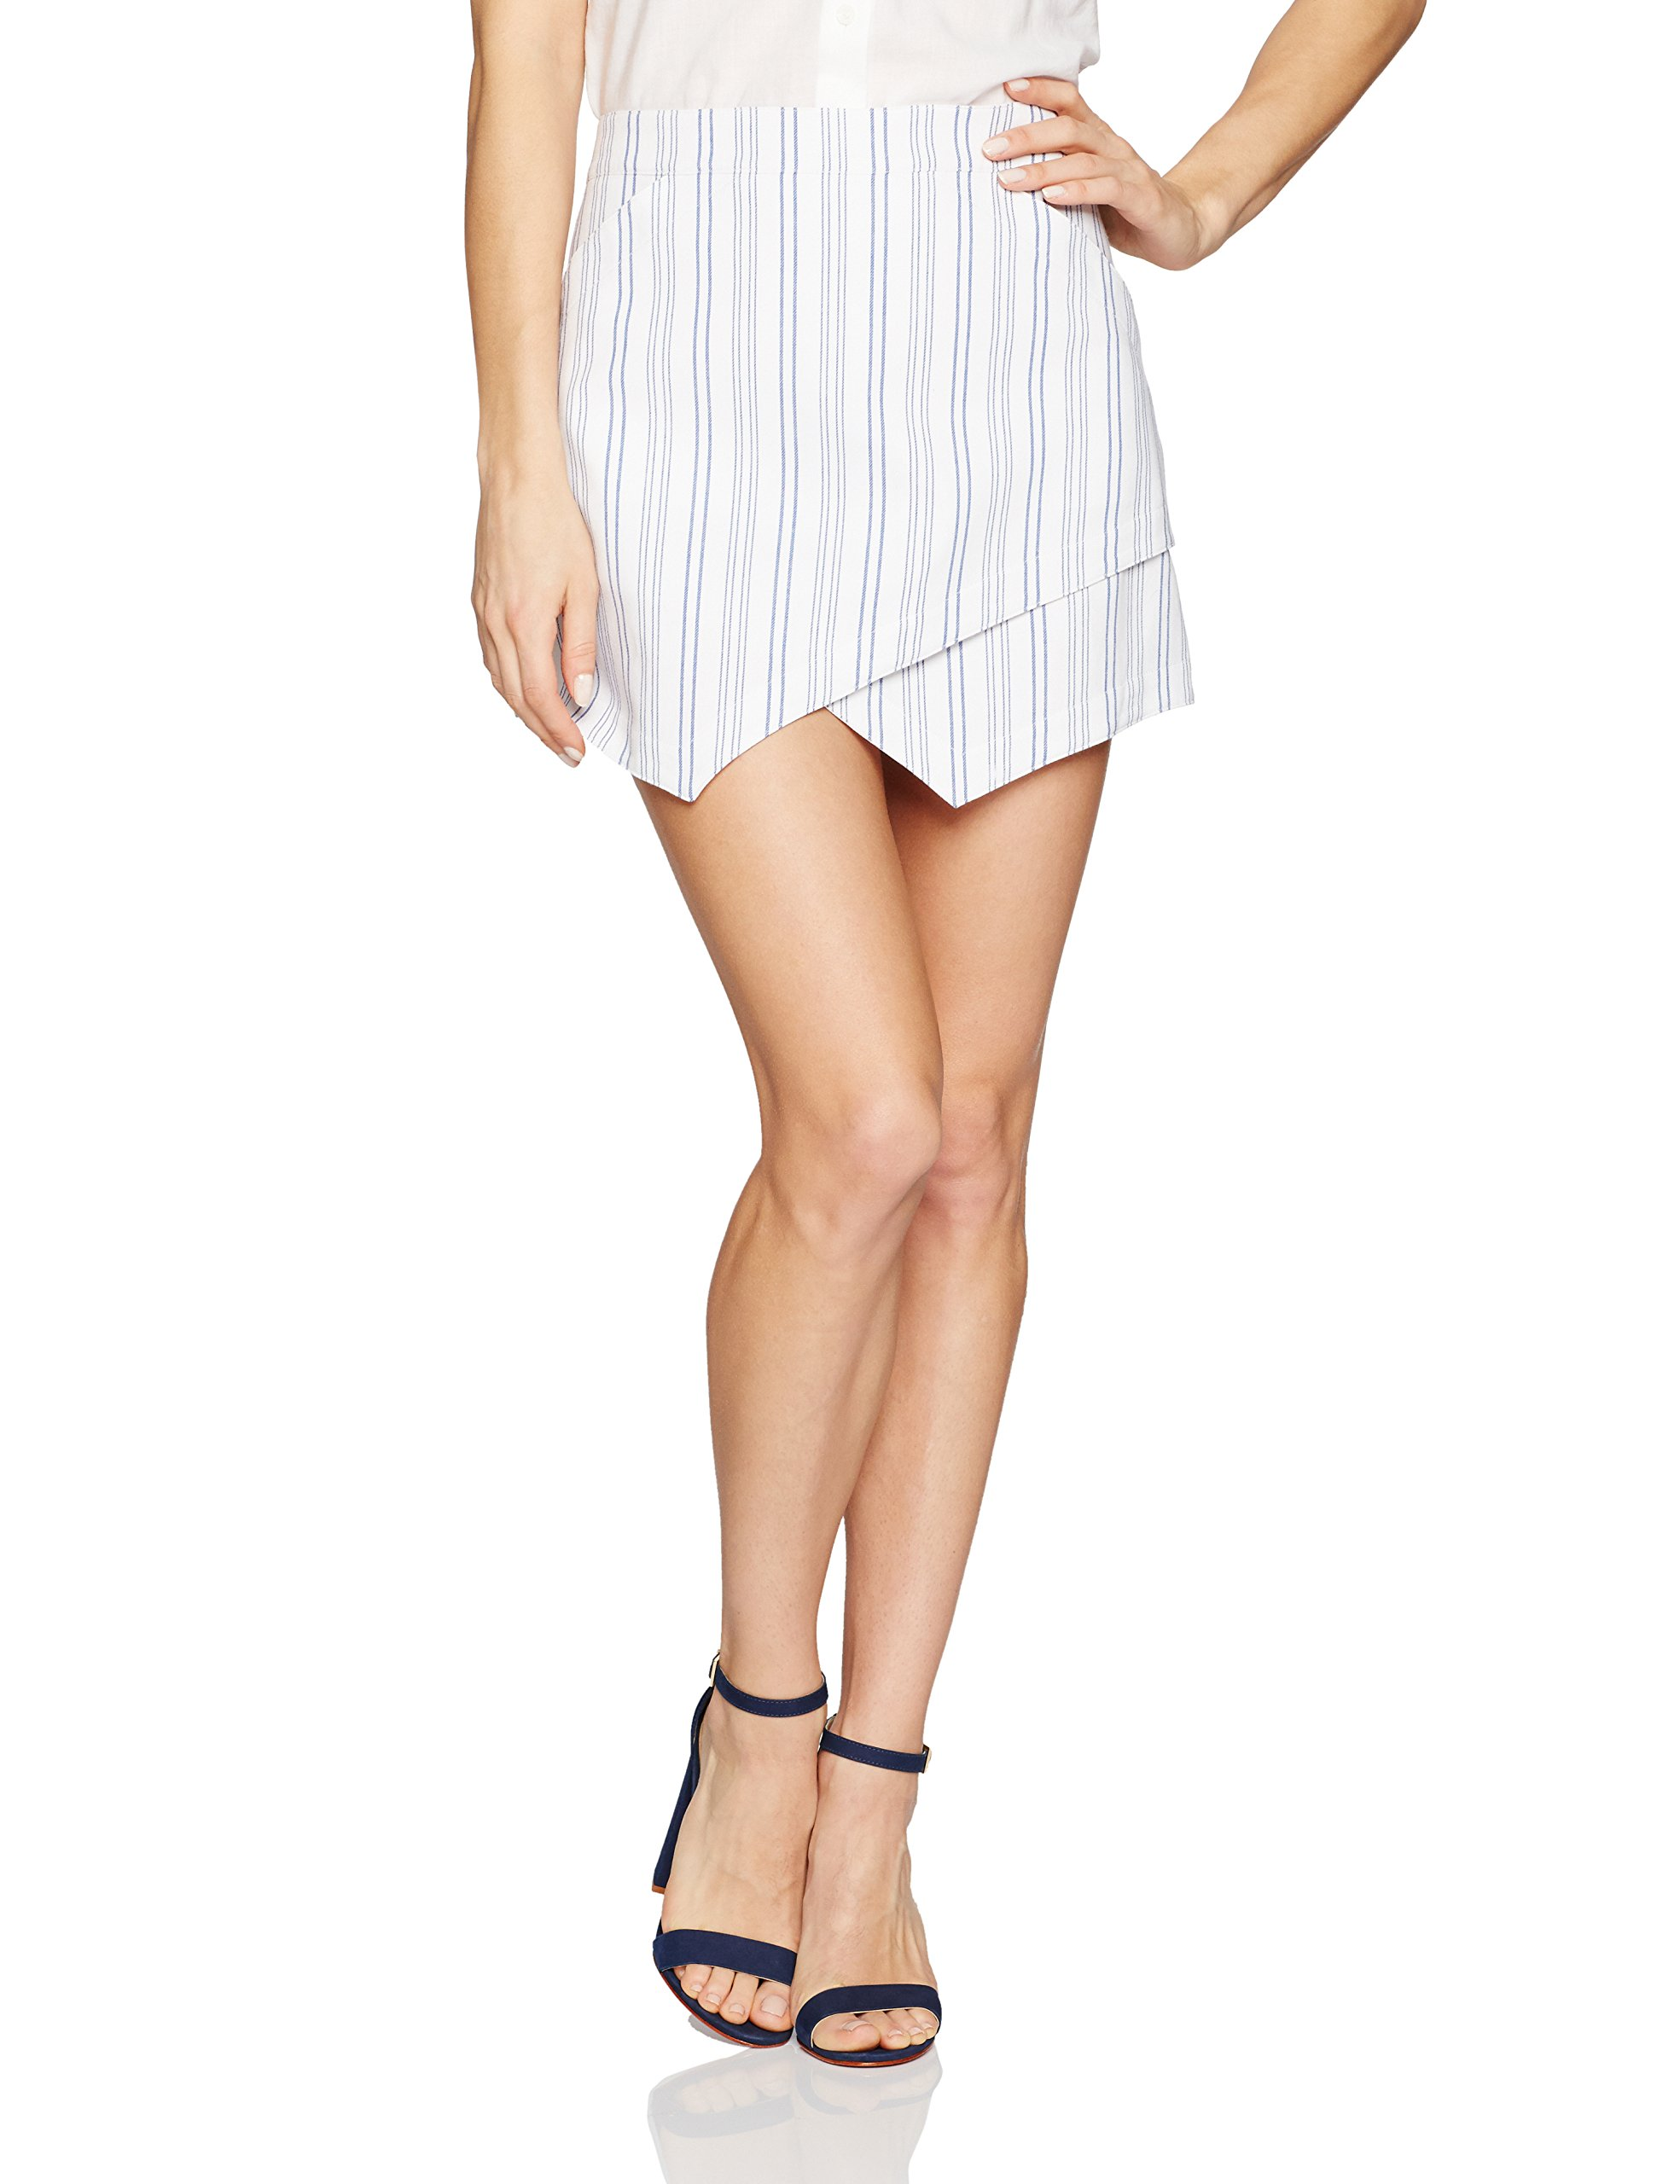 BCBGMAXAZRIA Women's Beckett Skirt, White/Blue, S